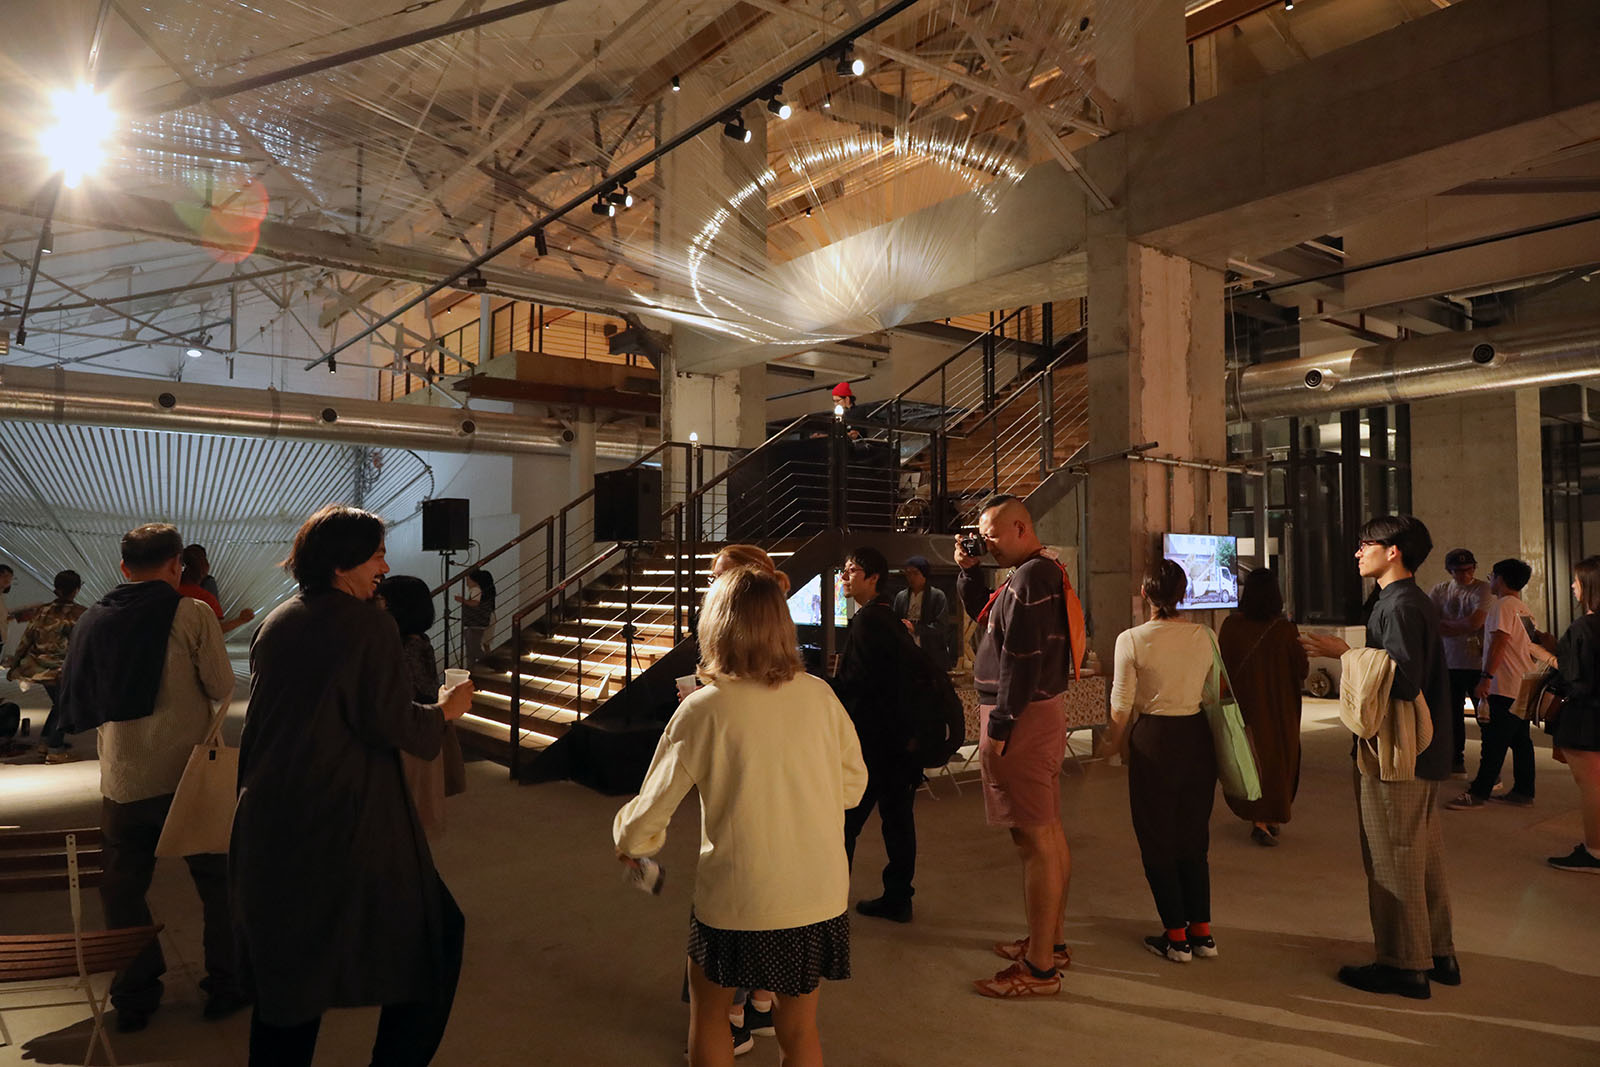 湾岸エリアの倉庫やコミュニティスペースを活用したアートプロジェクト